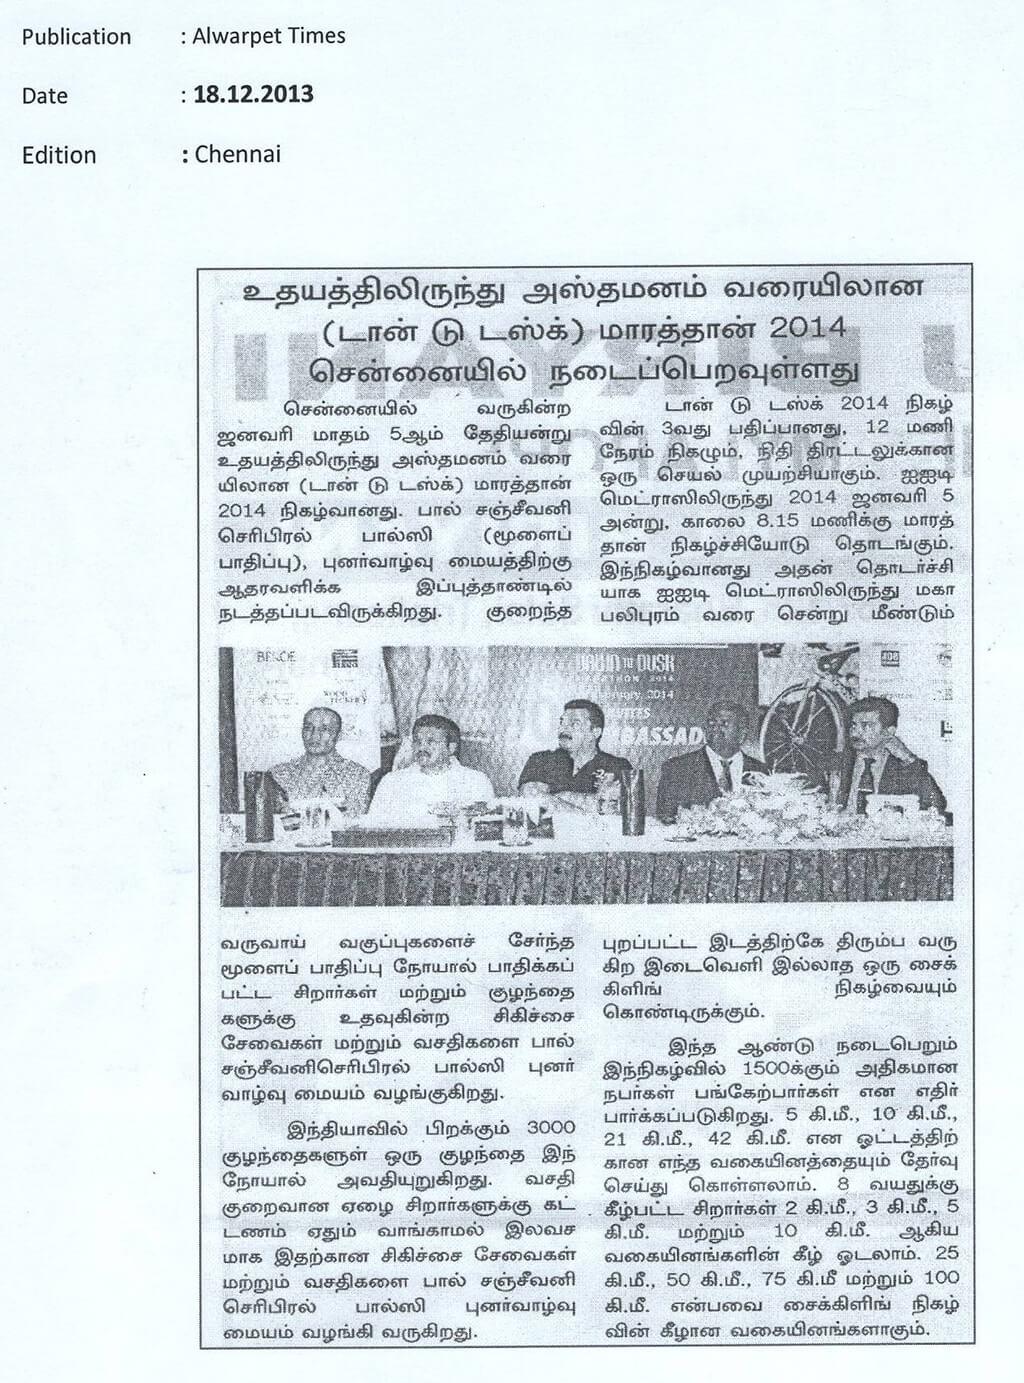 Alwarpet-Times-18.12